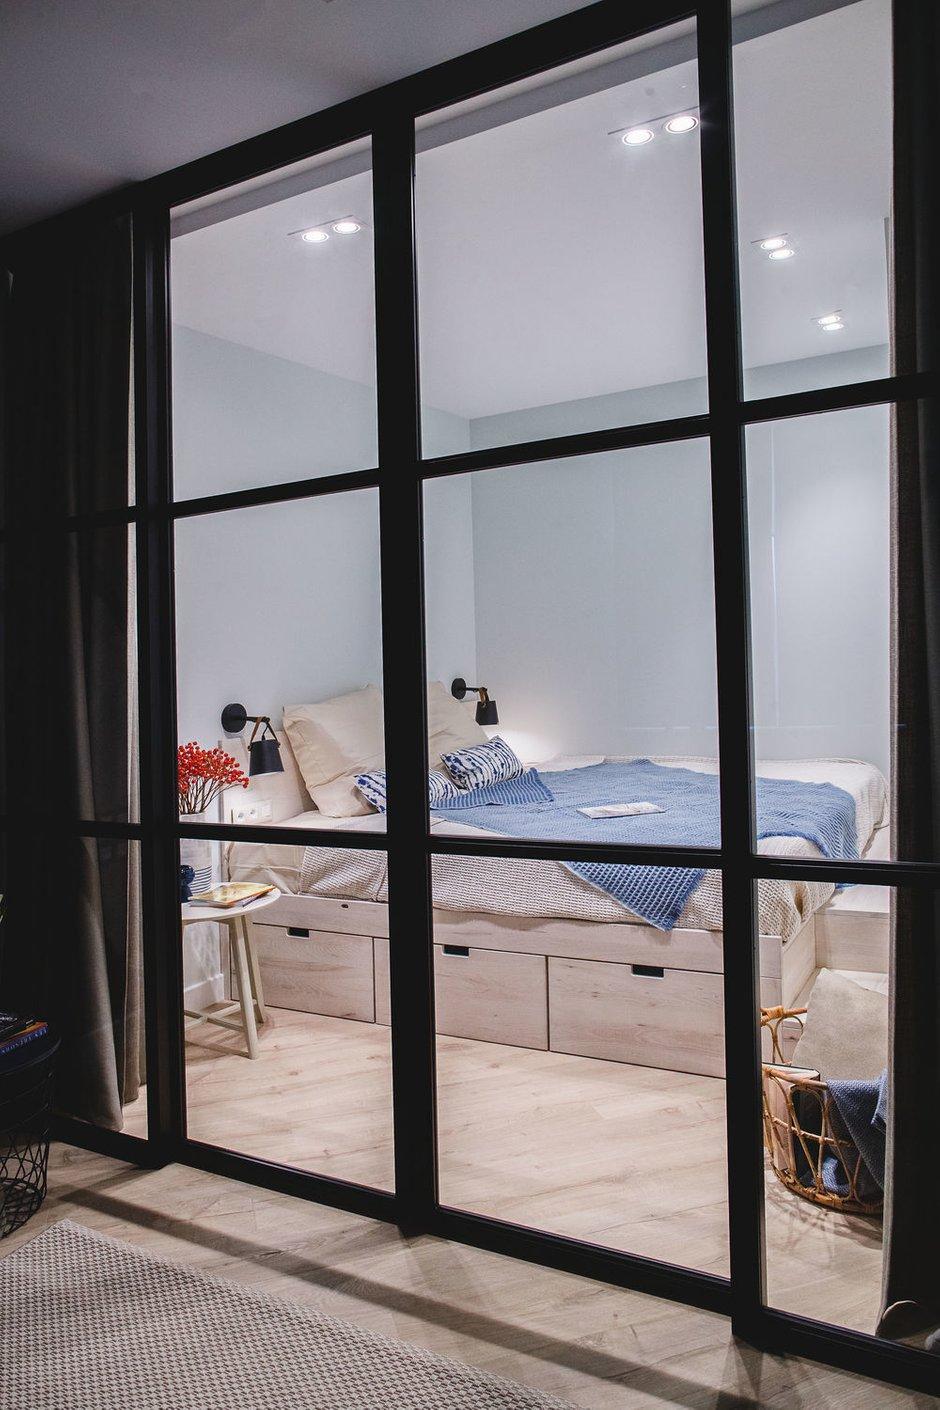 Фотография: Спальня в стиле Современный, Малогабаритная квартира, Квартира, Проект недели, Химки, 1 комната, 2 комнаты, до 40 метров, Татьяна Масленникова – фото на INMYROOM